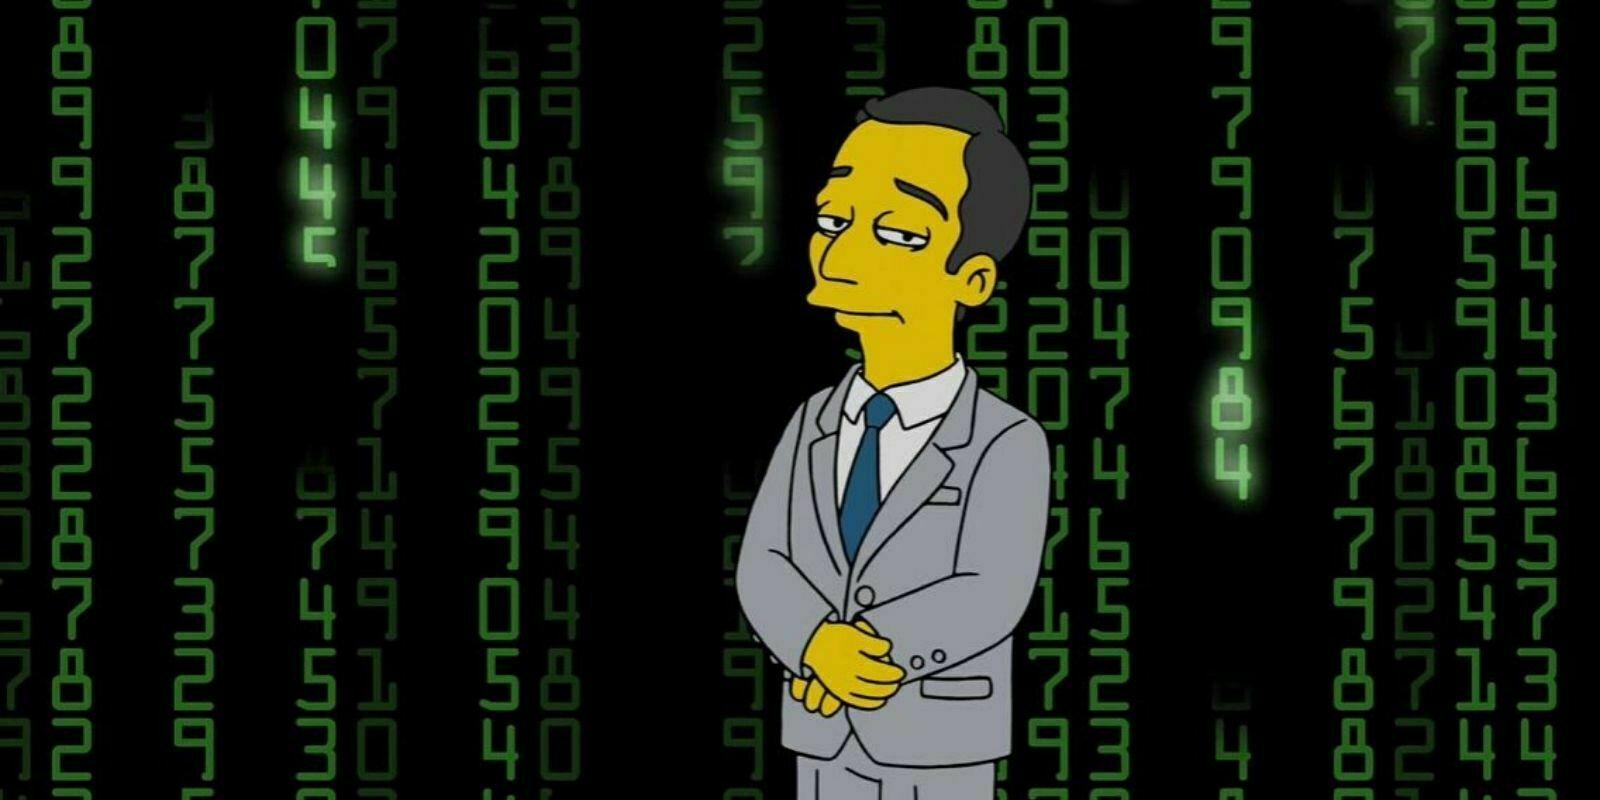 La crypto-monnaie expliquée par les Simpson